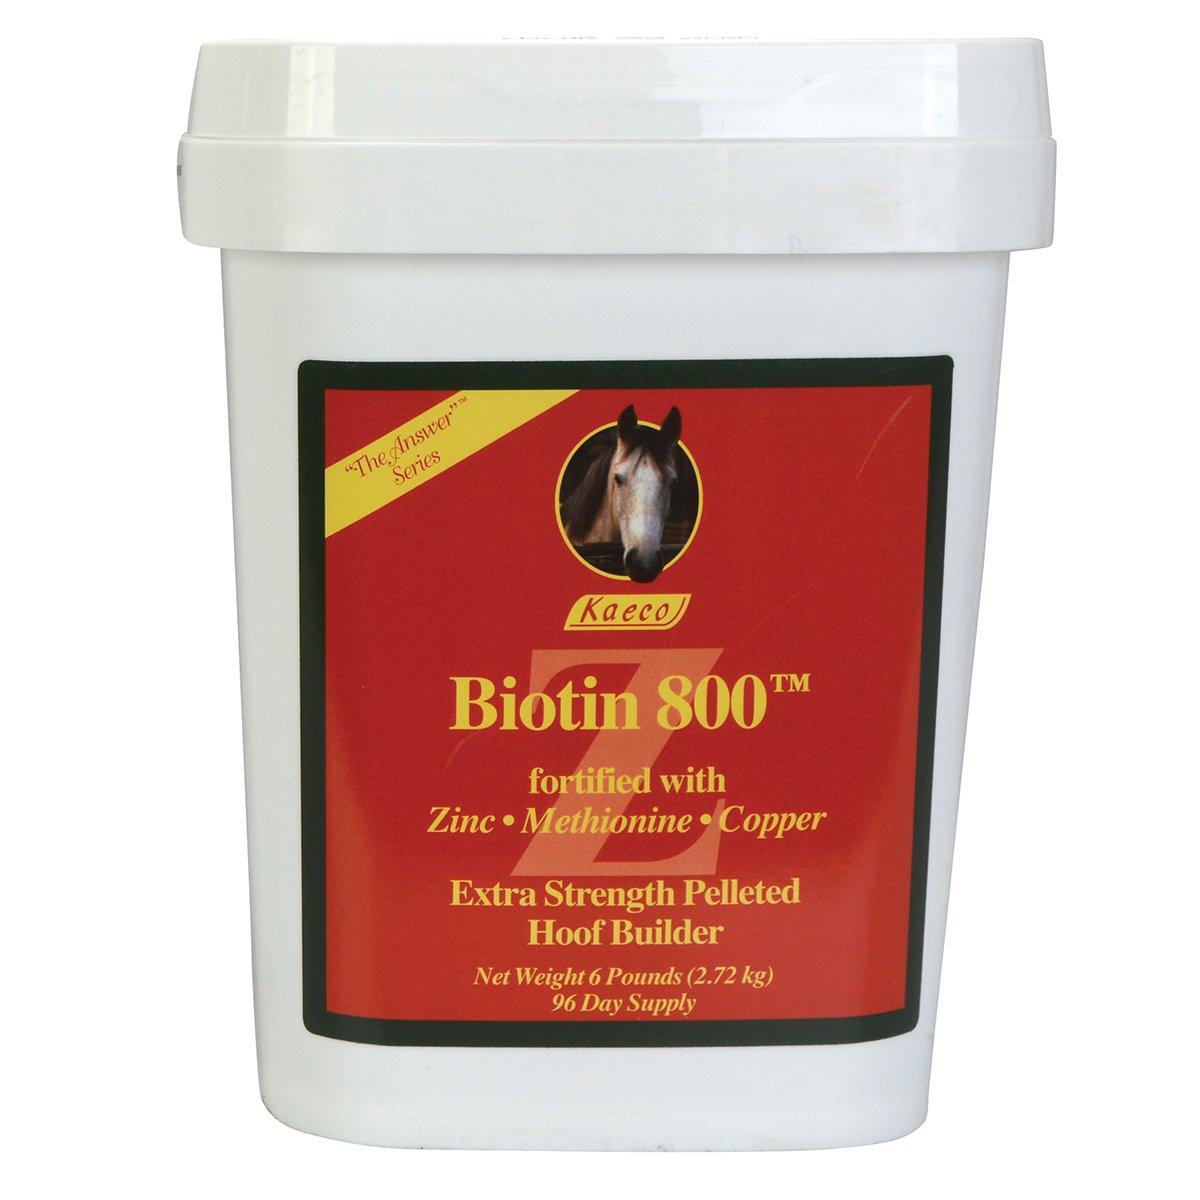 Biotin 800 Z - 6lbs by RJ Matthews